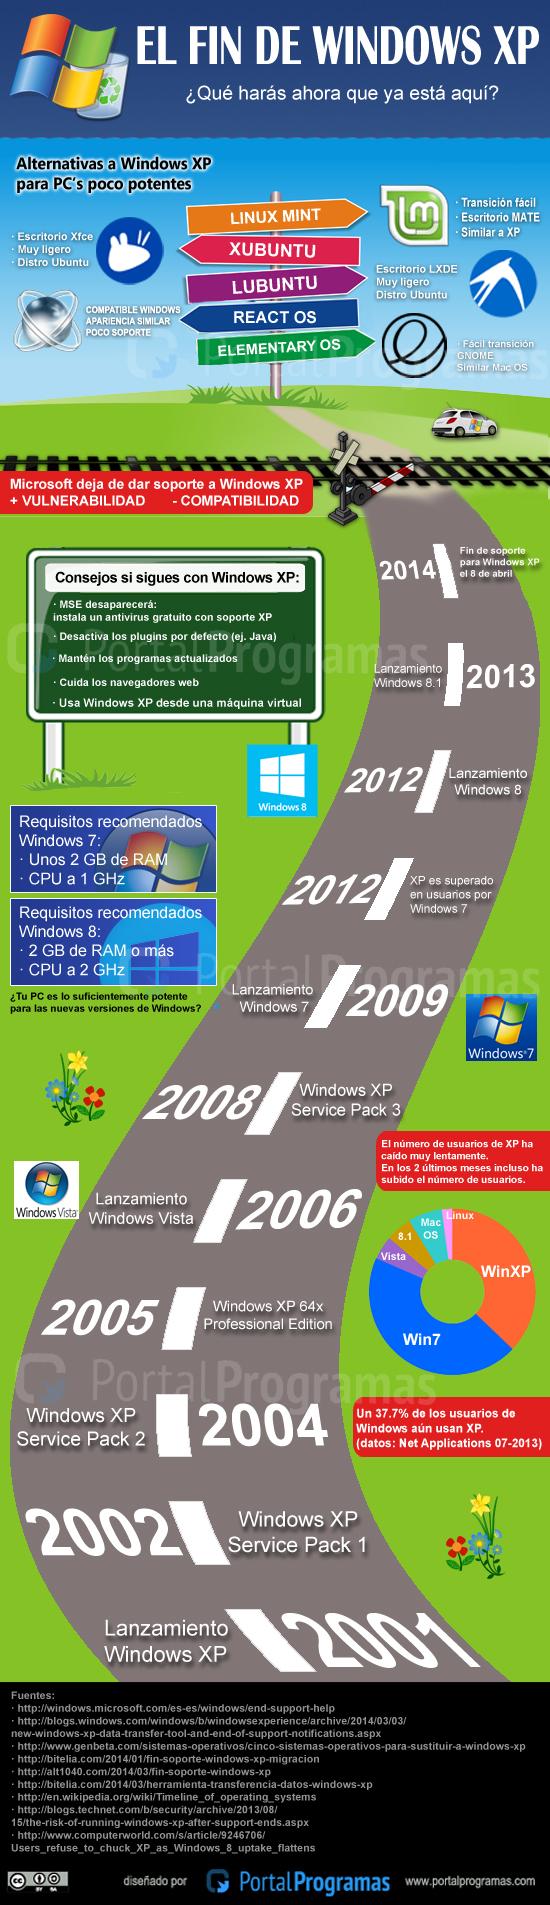 El fin de Windows XP - Infografía